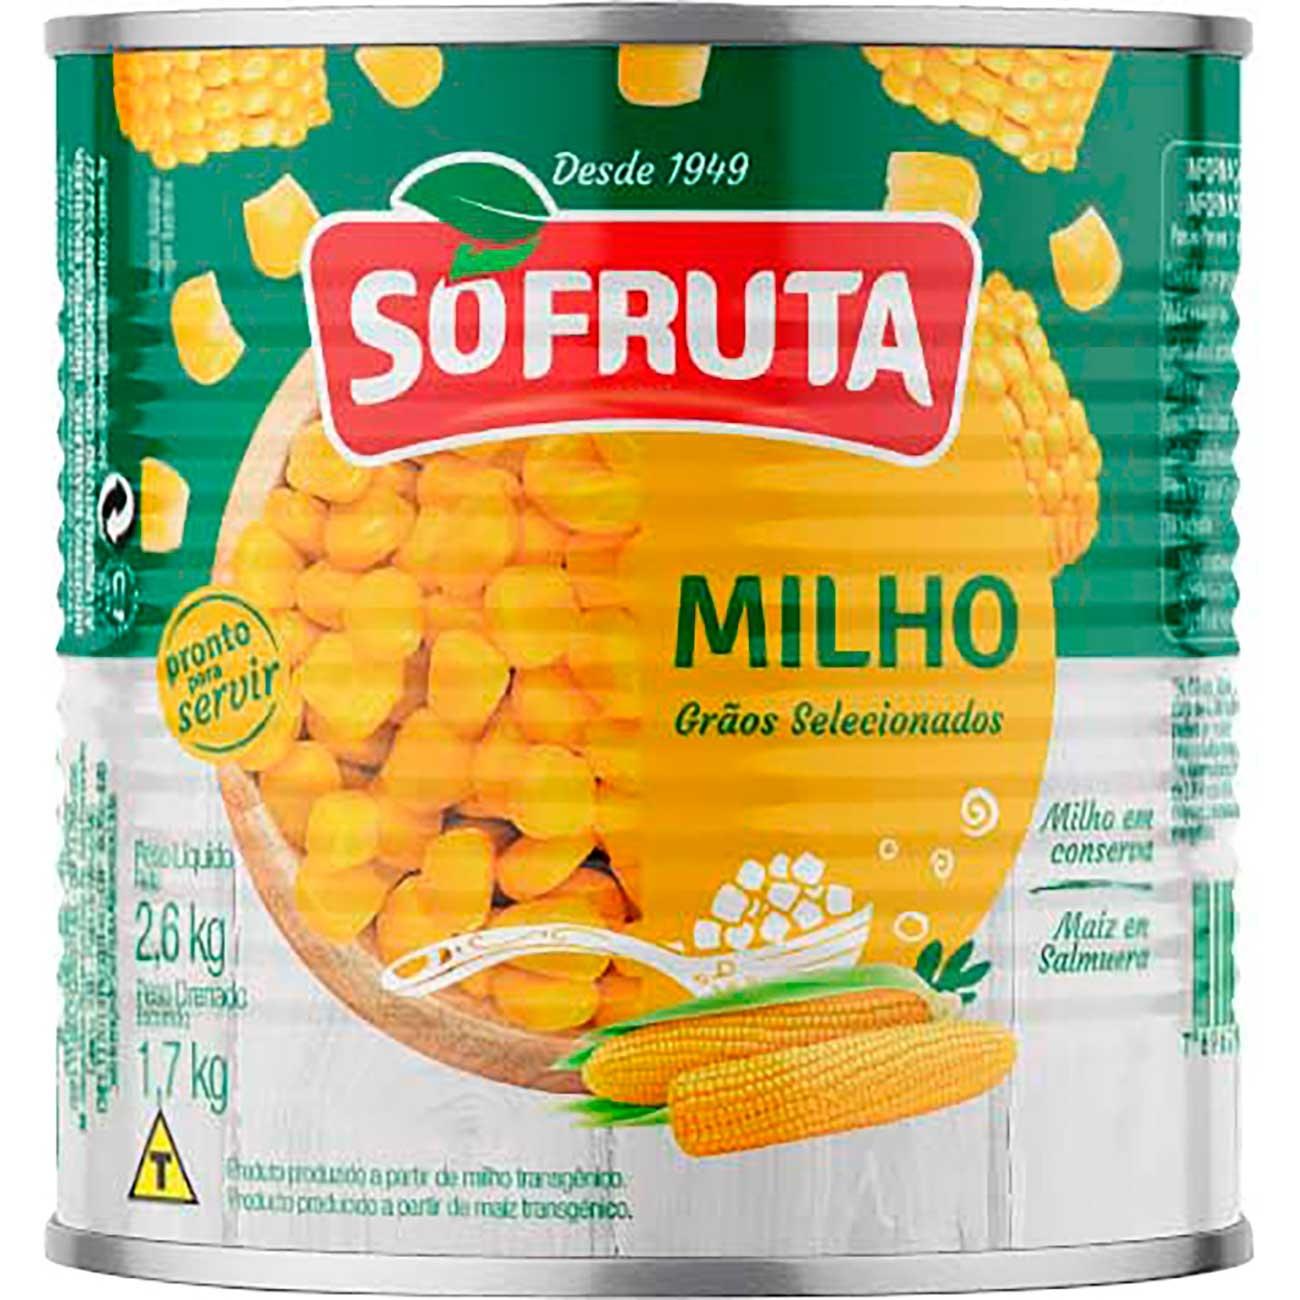 Milho Verde 2kg Sofruta Sache | Caixa com 6 unidades